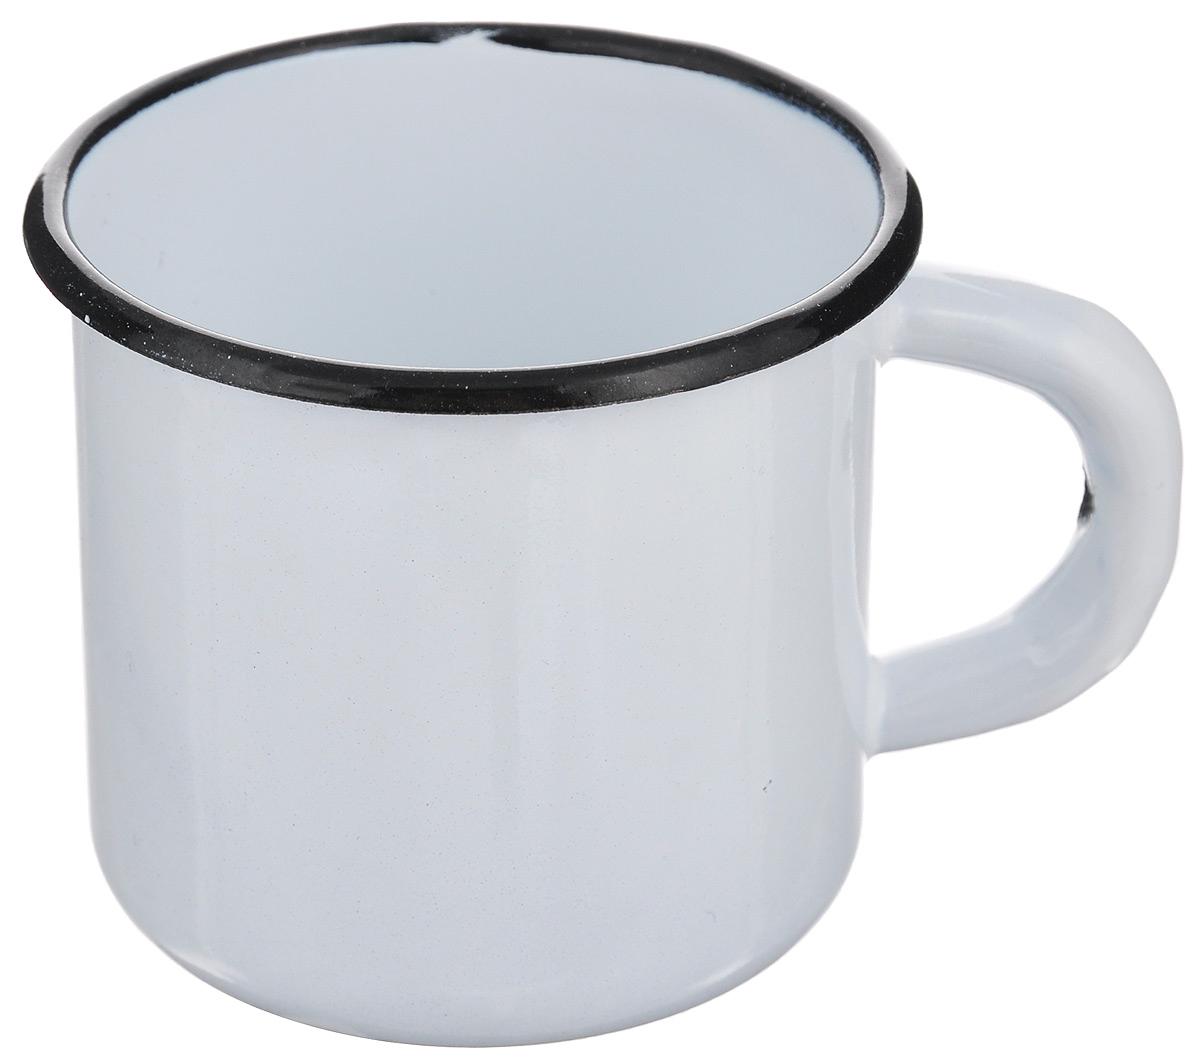 """Кружка """"СтальЭмаль"""" изготовлена из  высококачественной стали с эмалированным  покрытием. Она оснащена  удобной ручкой. Такая кружка не требует особого  ухода и ее легко мыть. Благодаря  классическому дизайну и  удобству в использовании кружка займет  достойное место на вашей кухне. Диаметр кружки (по верхнему краю): 7 см.  Высота стенки: 7 см."""